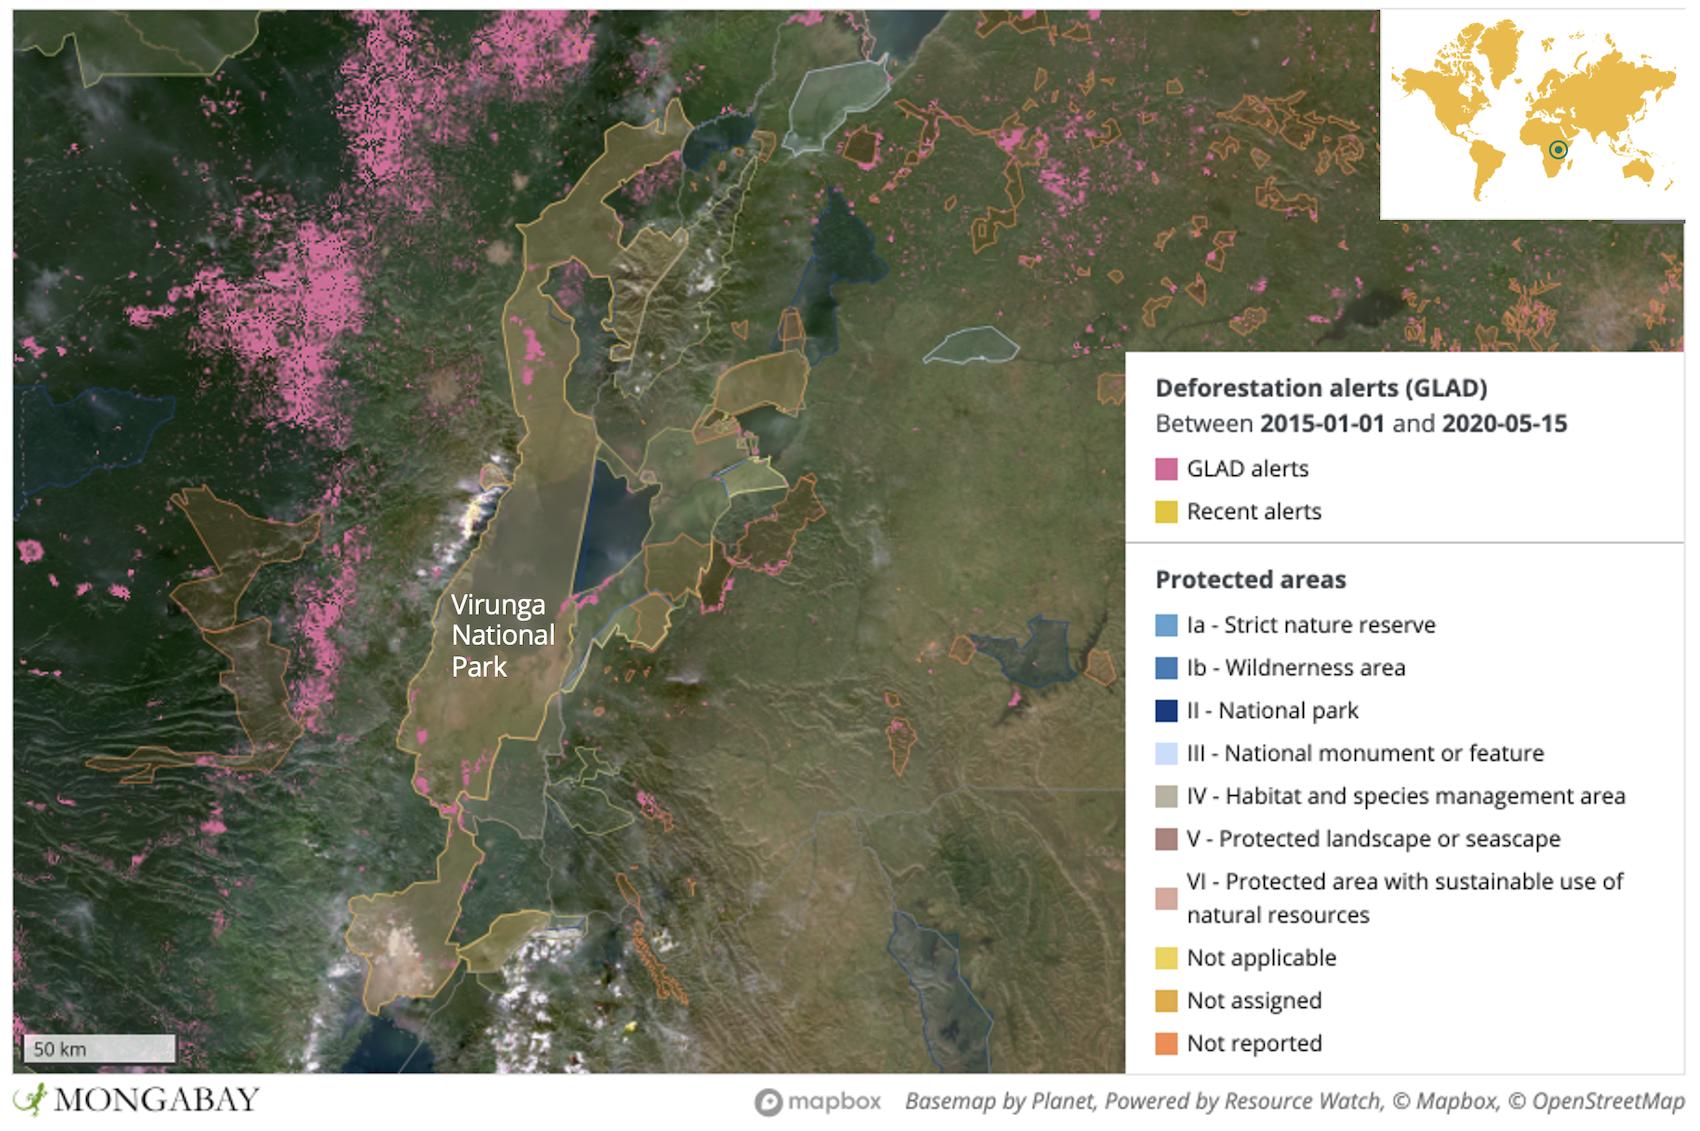 deforestation virunga national park